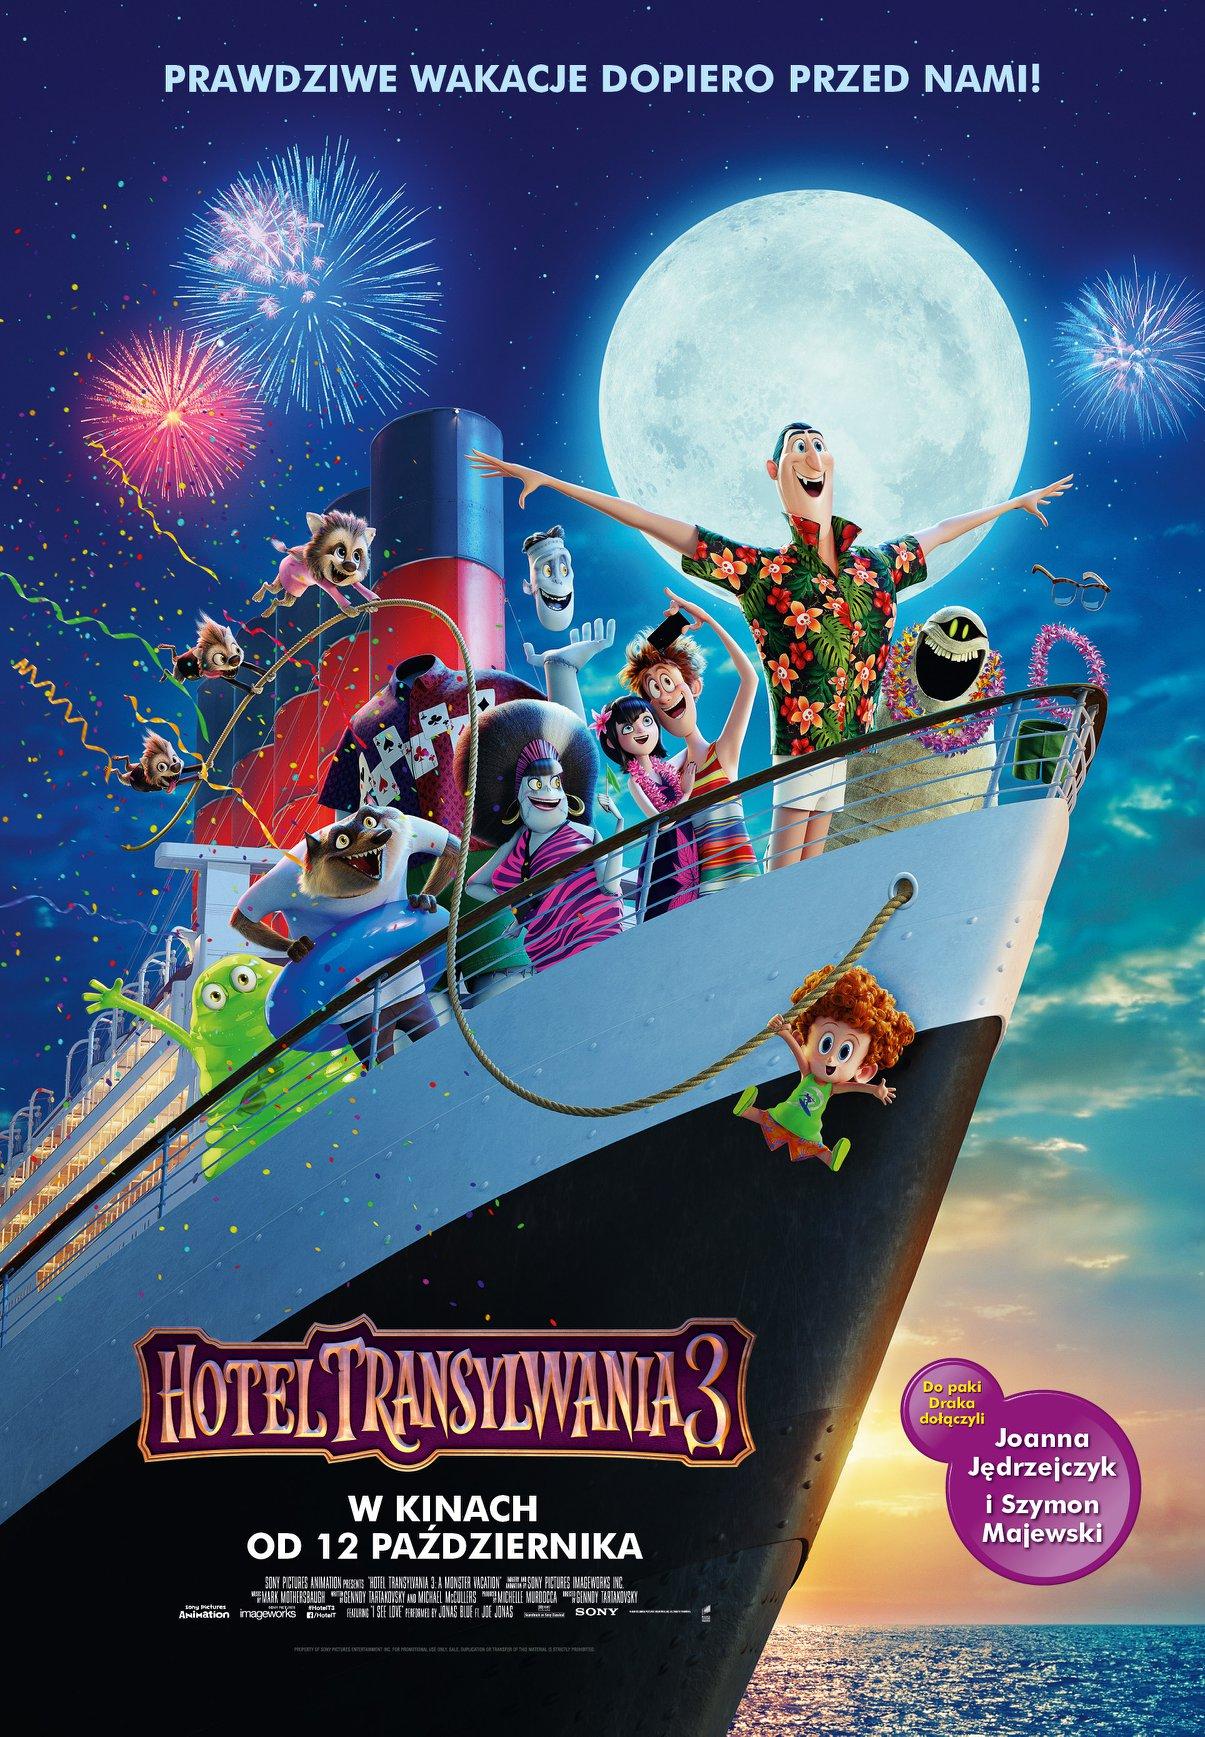 HOTEL TRANSYLWANIA 3  2D DUBBING